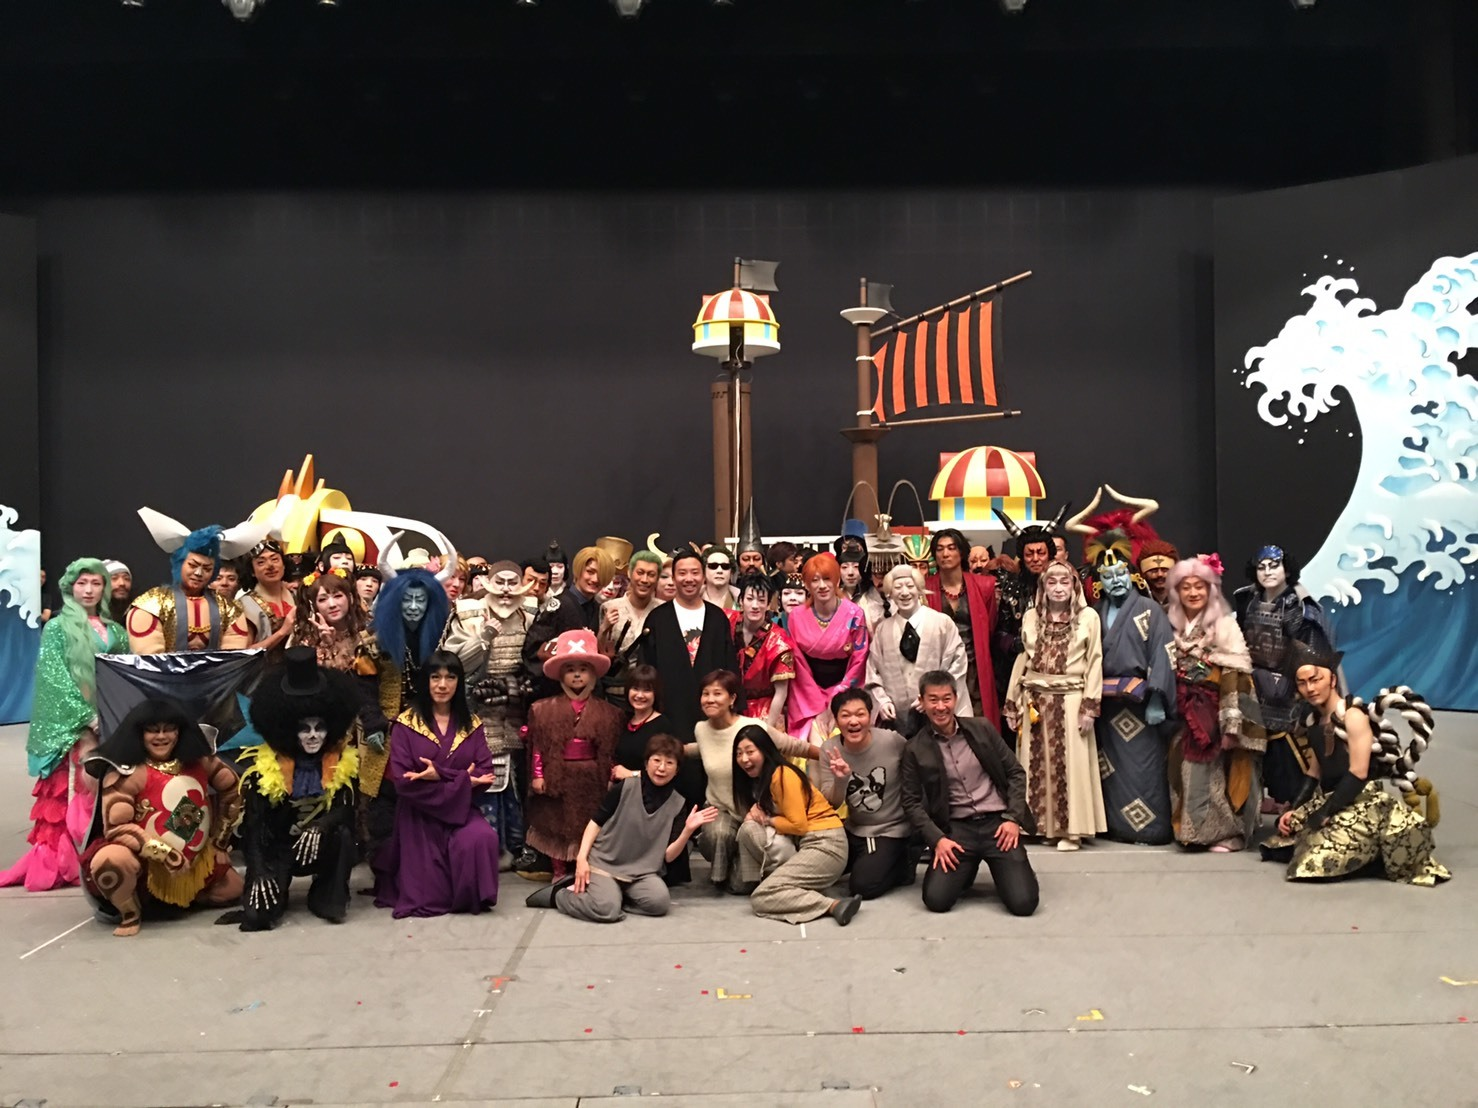 ワンピース歌舞伎❣_a0163623_11365184.jpg